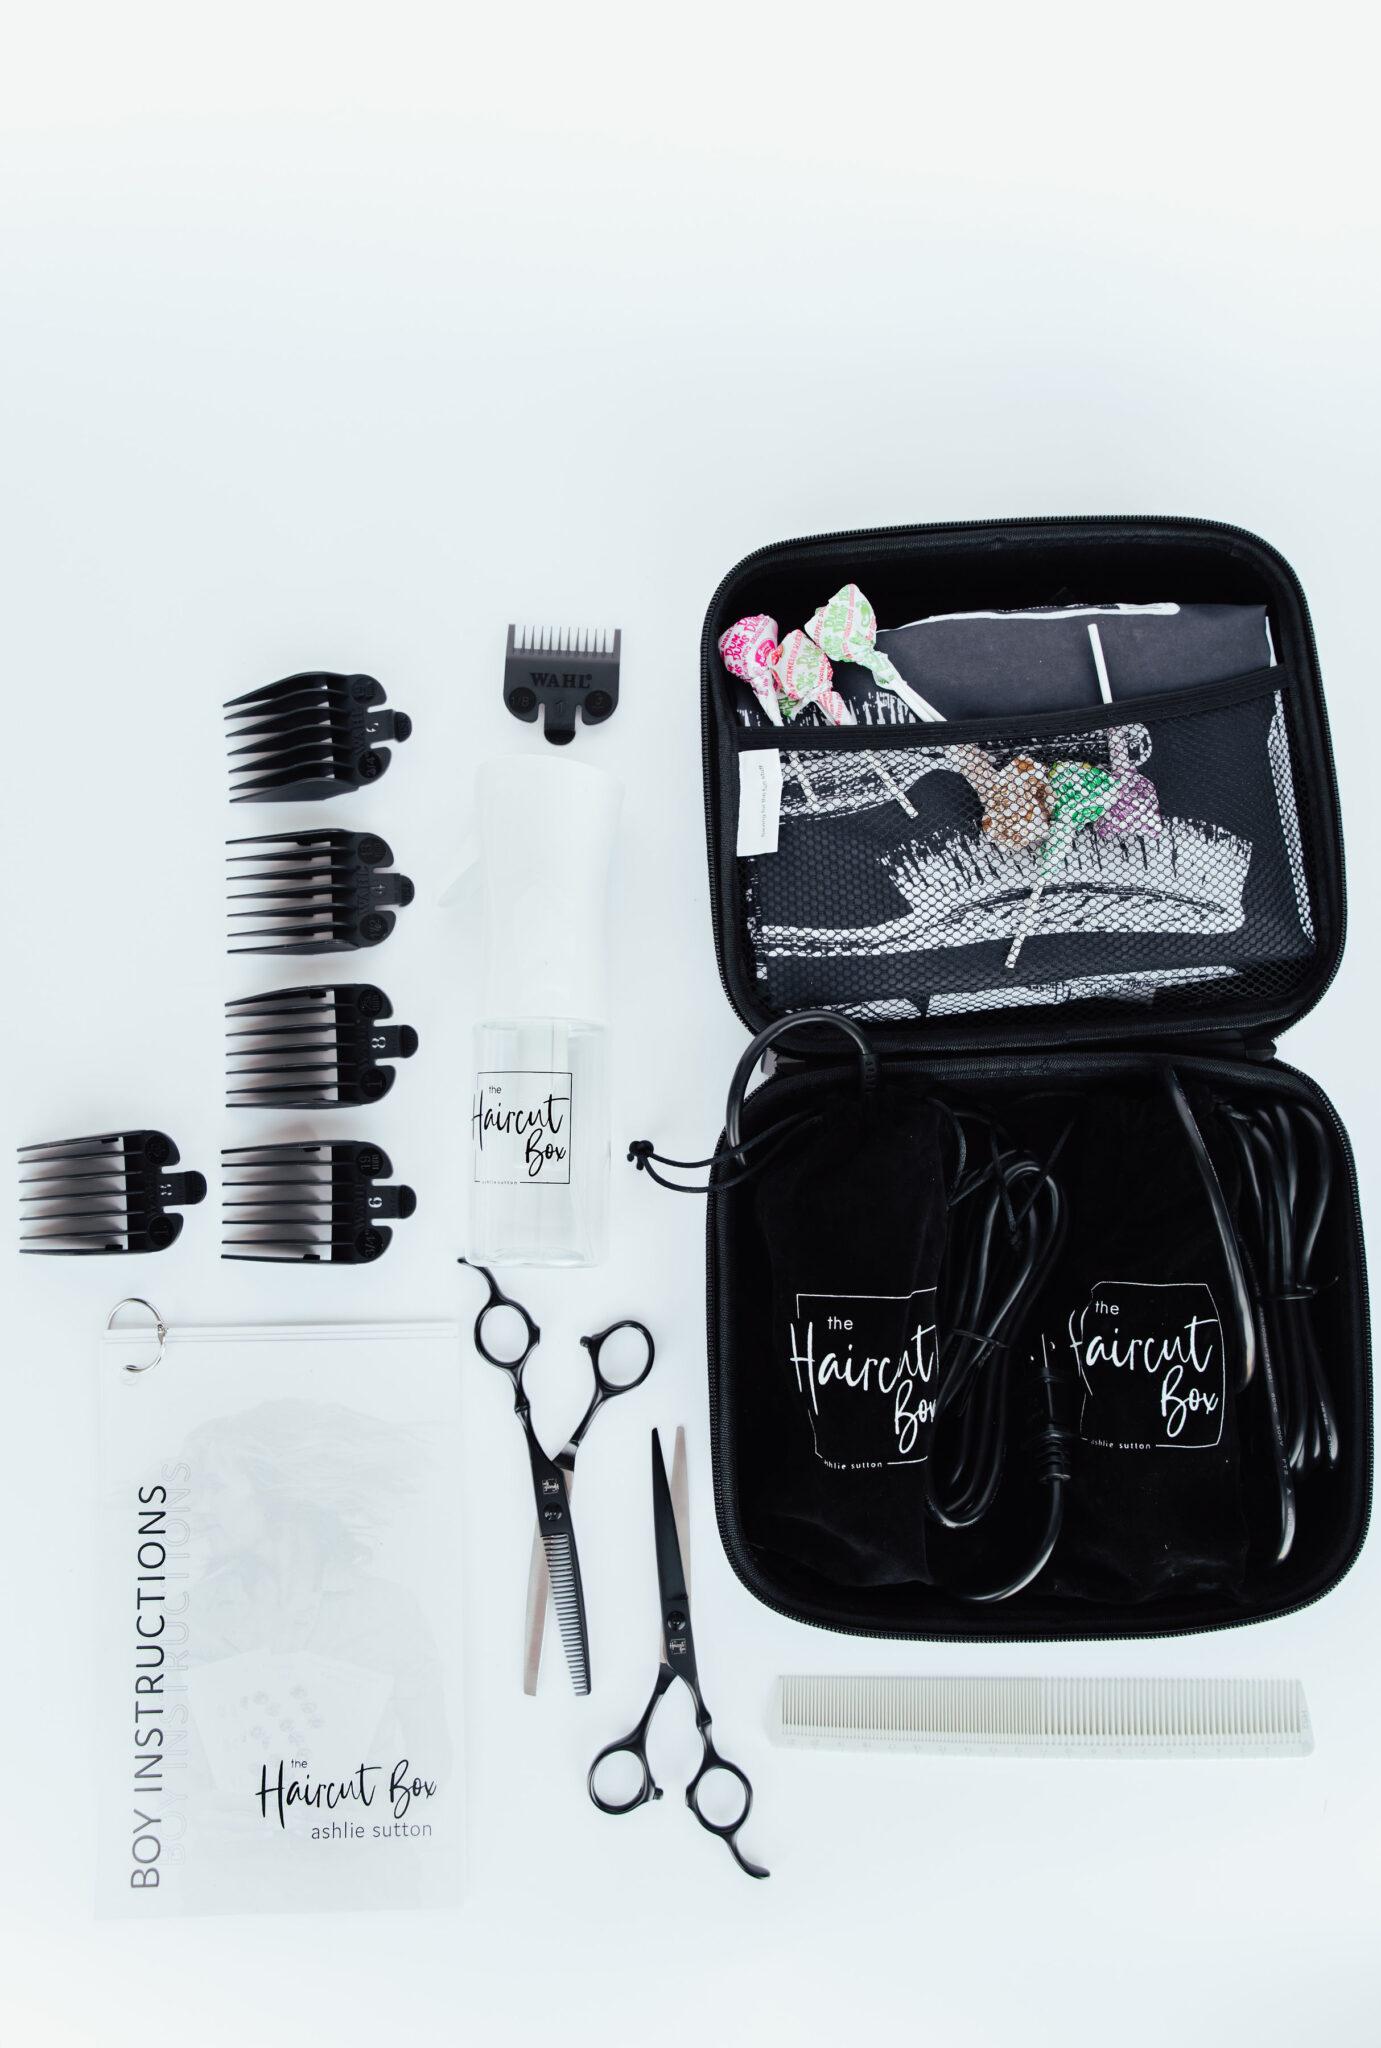 las mejores herramientas para cortar el cabello de su propia familia.  www.twistmepretty.com